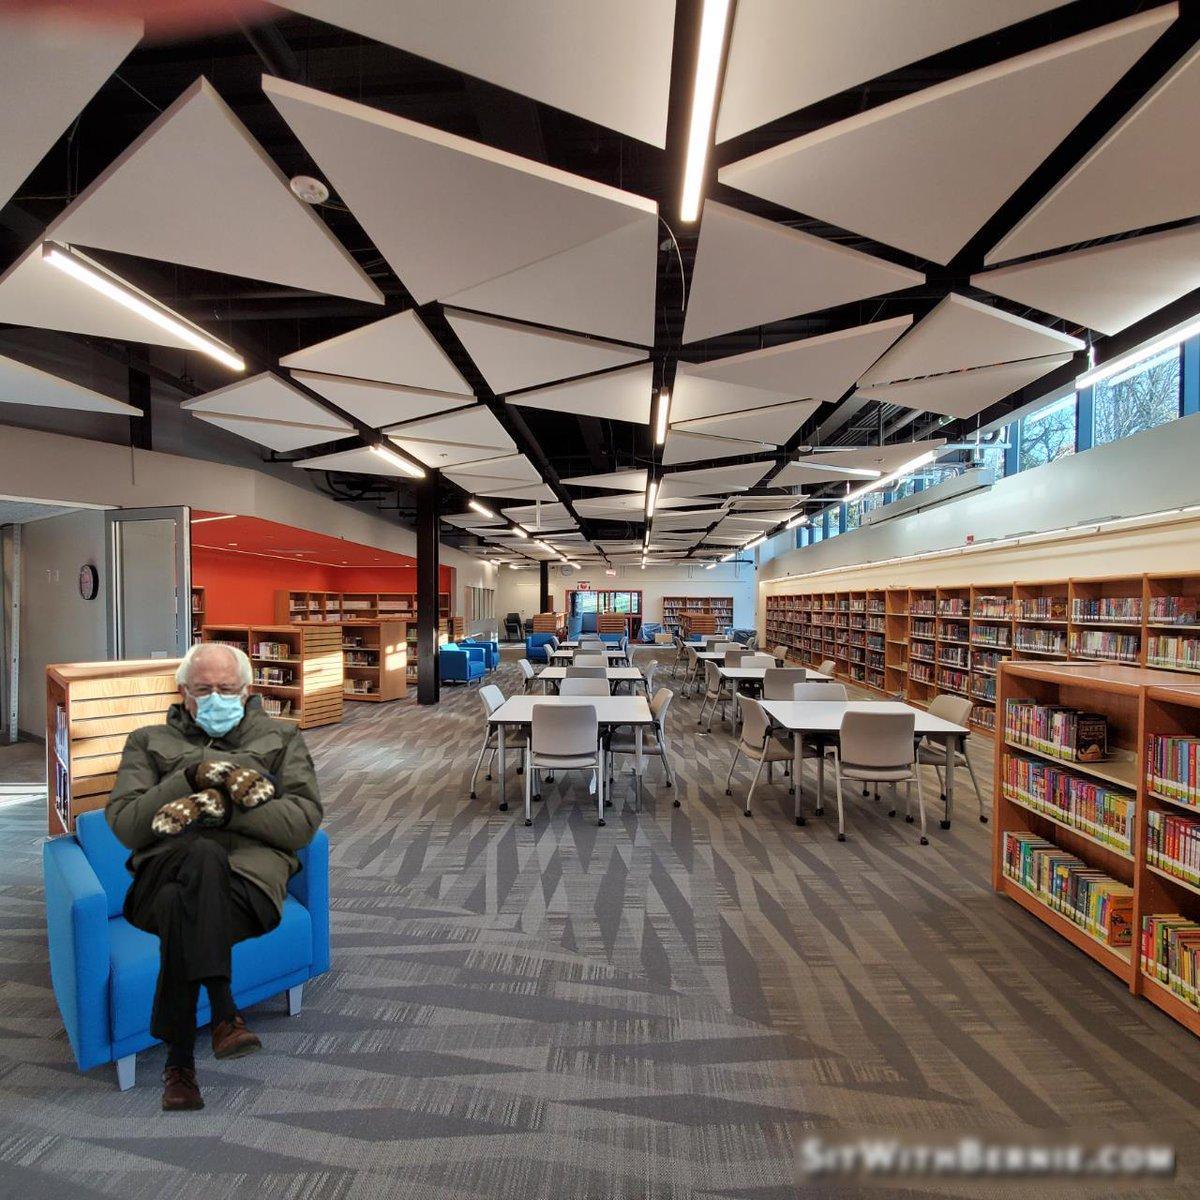 ¡Mira quién visitó la biblioteca de DHMS hoy! 😉 ¡Manténgase abrigado y tenga un gran fin de semana lleno de libros y lectura! @DHMS_Activities @DHMiddleAPS @dhms_ptsa @APSLibrarians https://t.co/KG9gMHcBNS